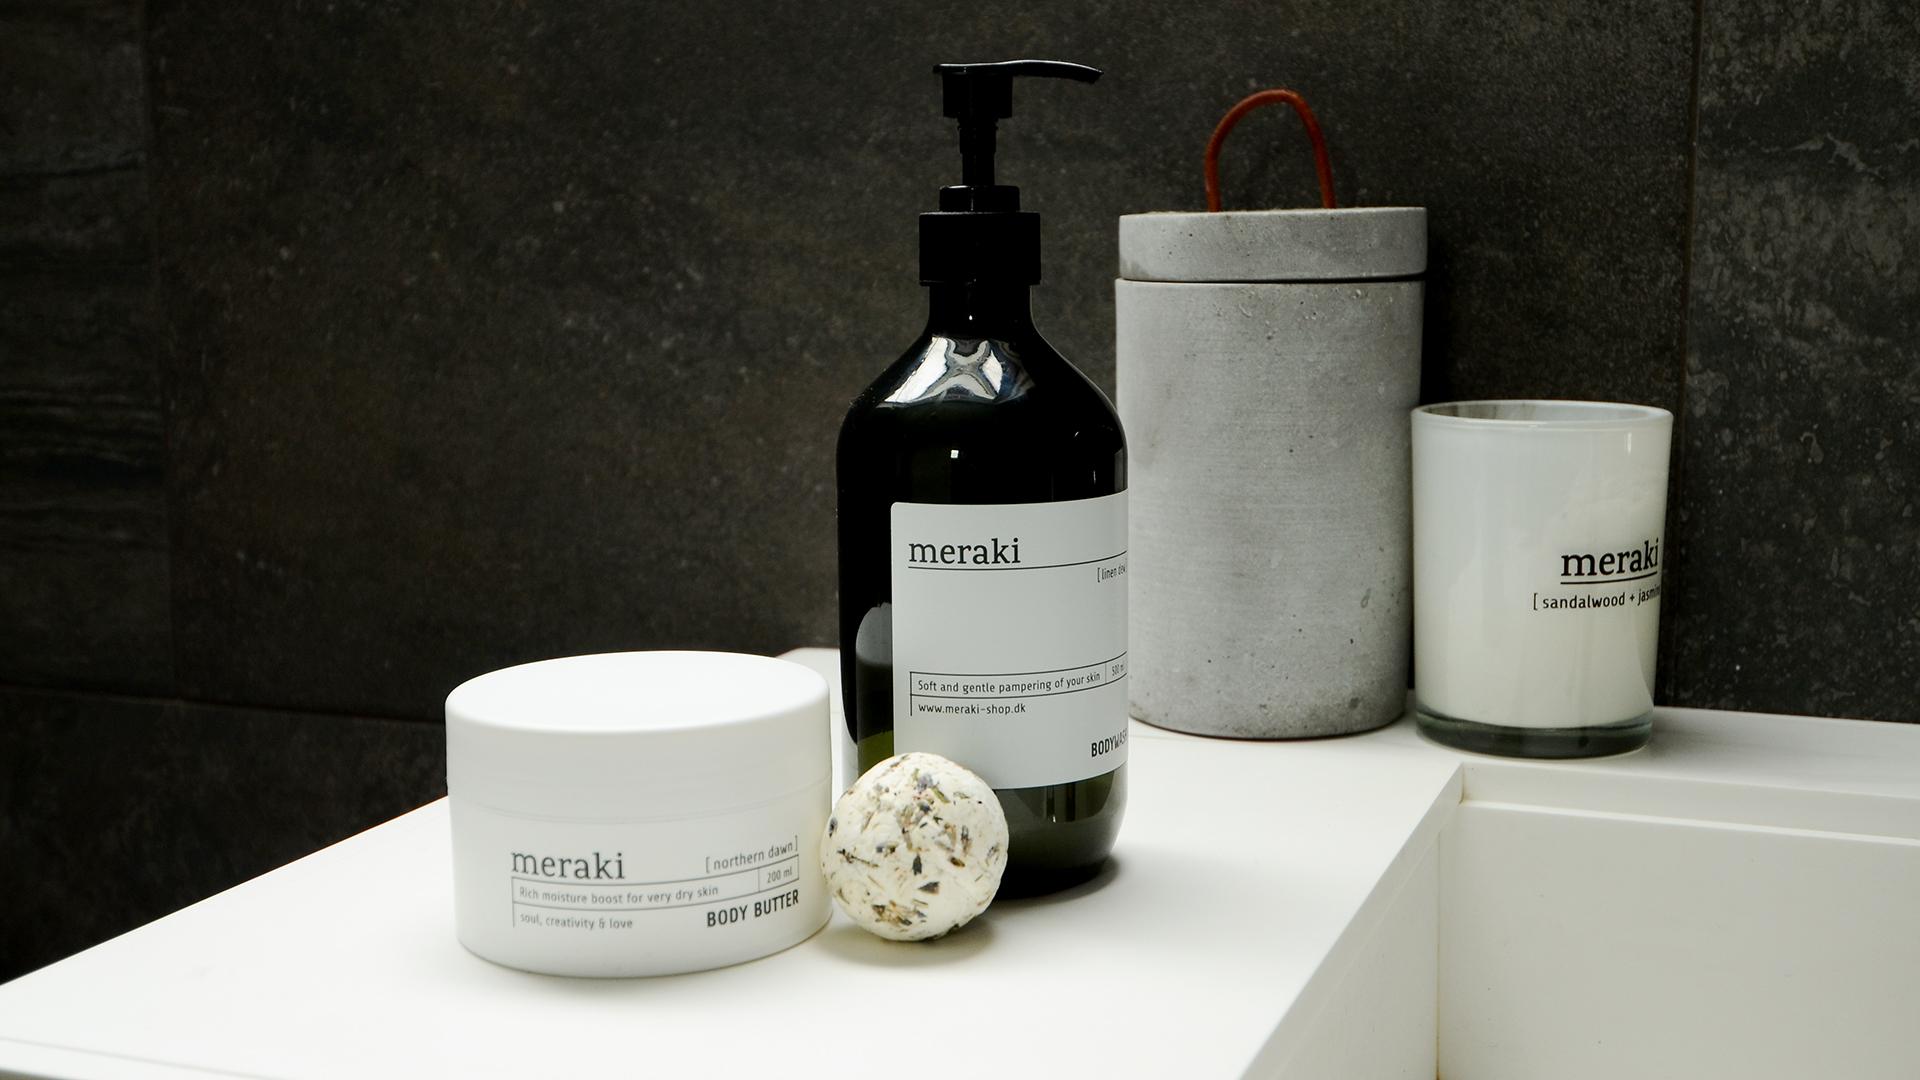 meraki toiletries - Christmas gift ideas